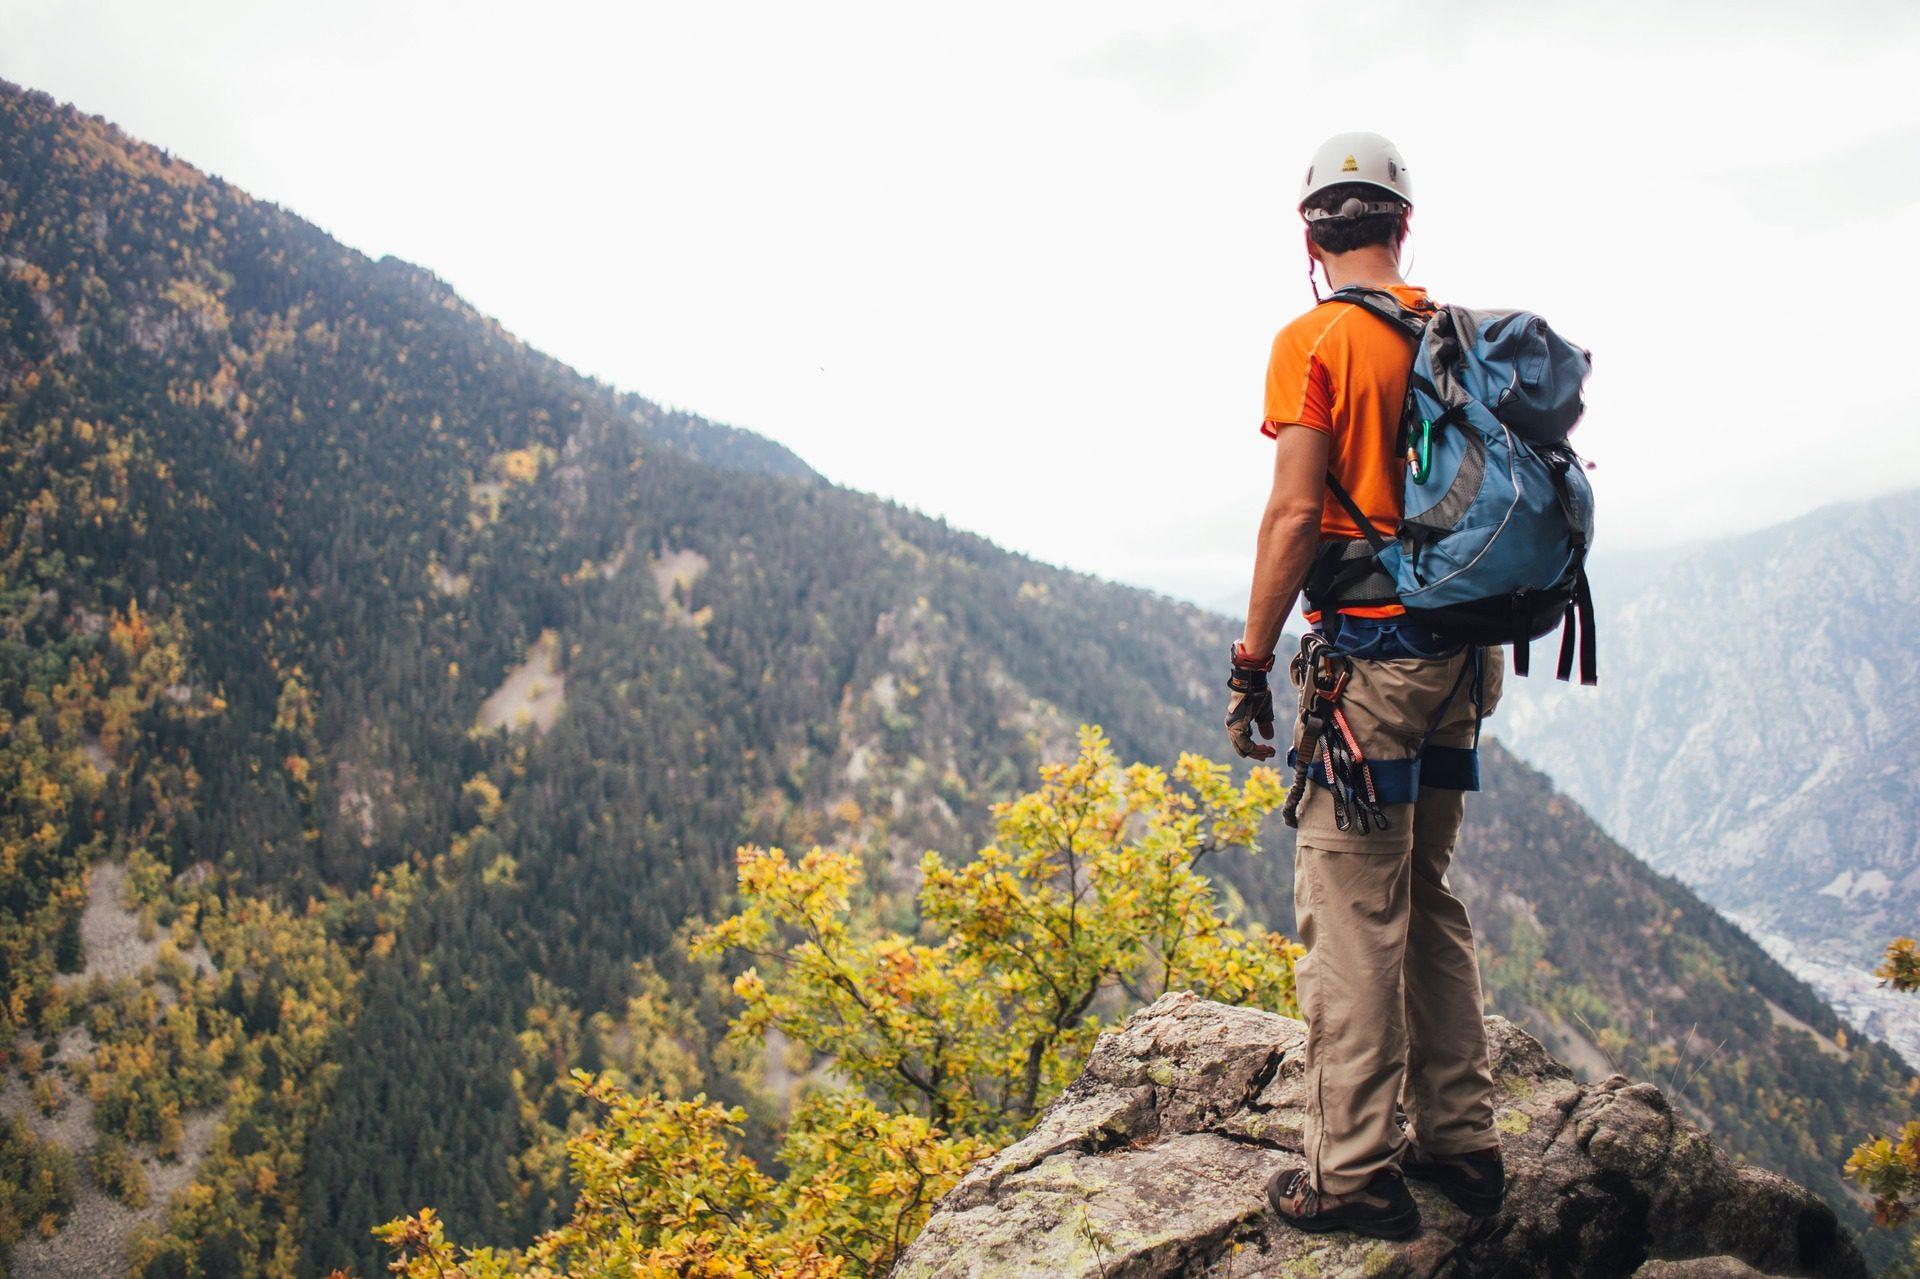 Монтаньяс, Турист, Альпинист, альпинист, команда, деревья - Обои HD - Профессор falken.com